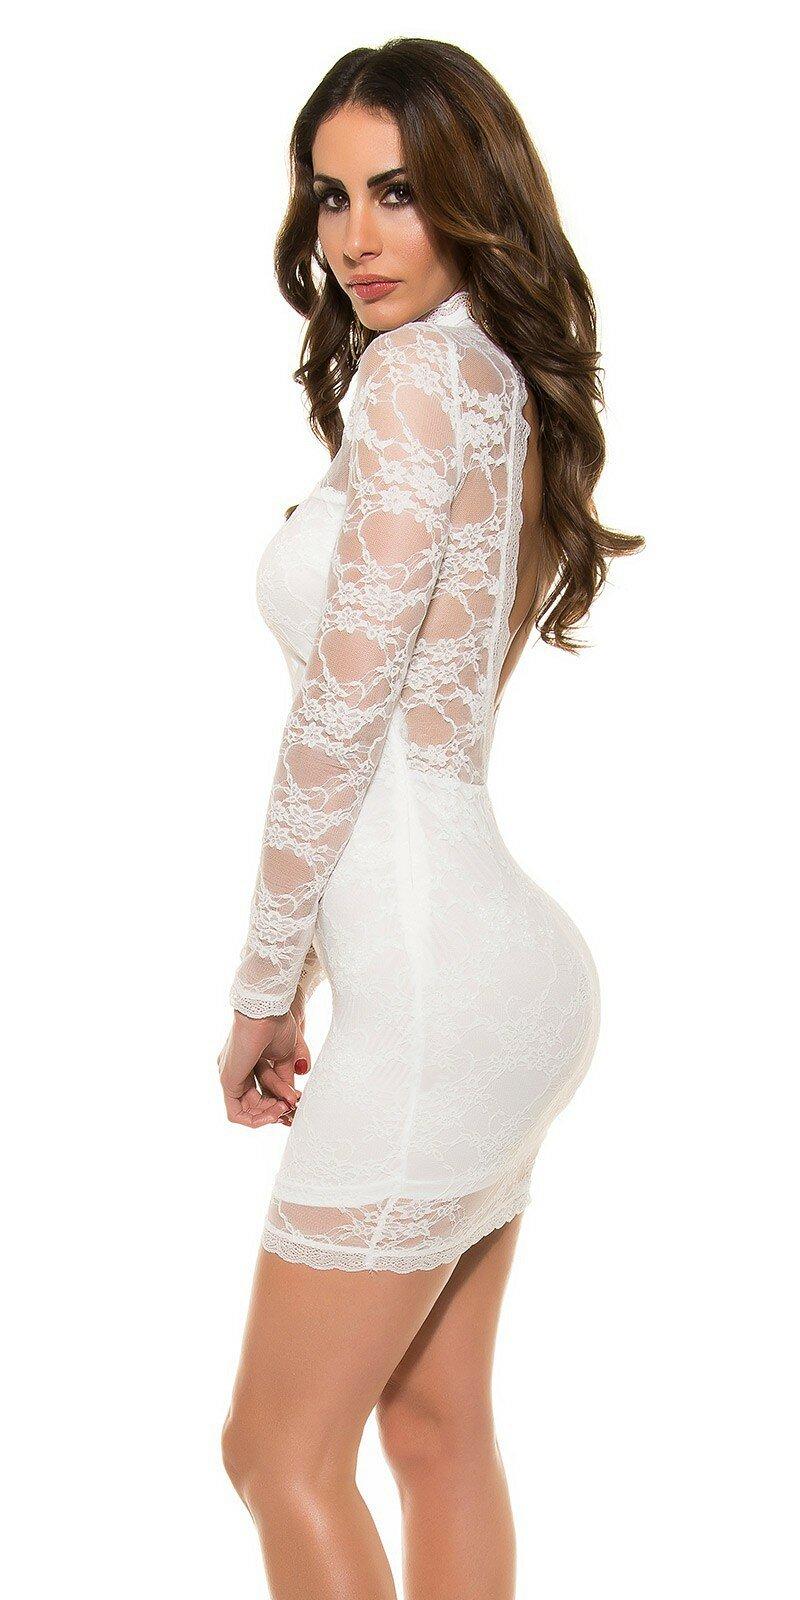 2e6ff03a6b2c Dámske čipkované mini šaty s odhaleným chrbtom  Veľkosť Univerzálna  (XS S M) Farba Krémová